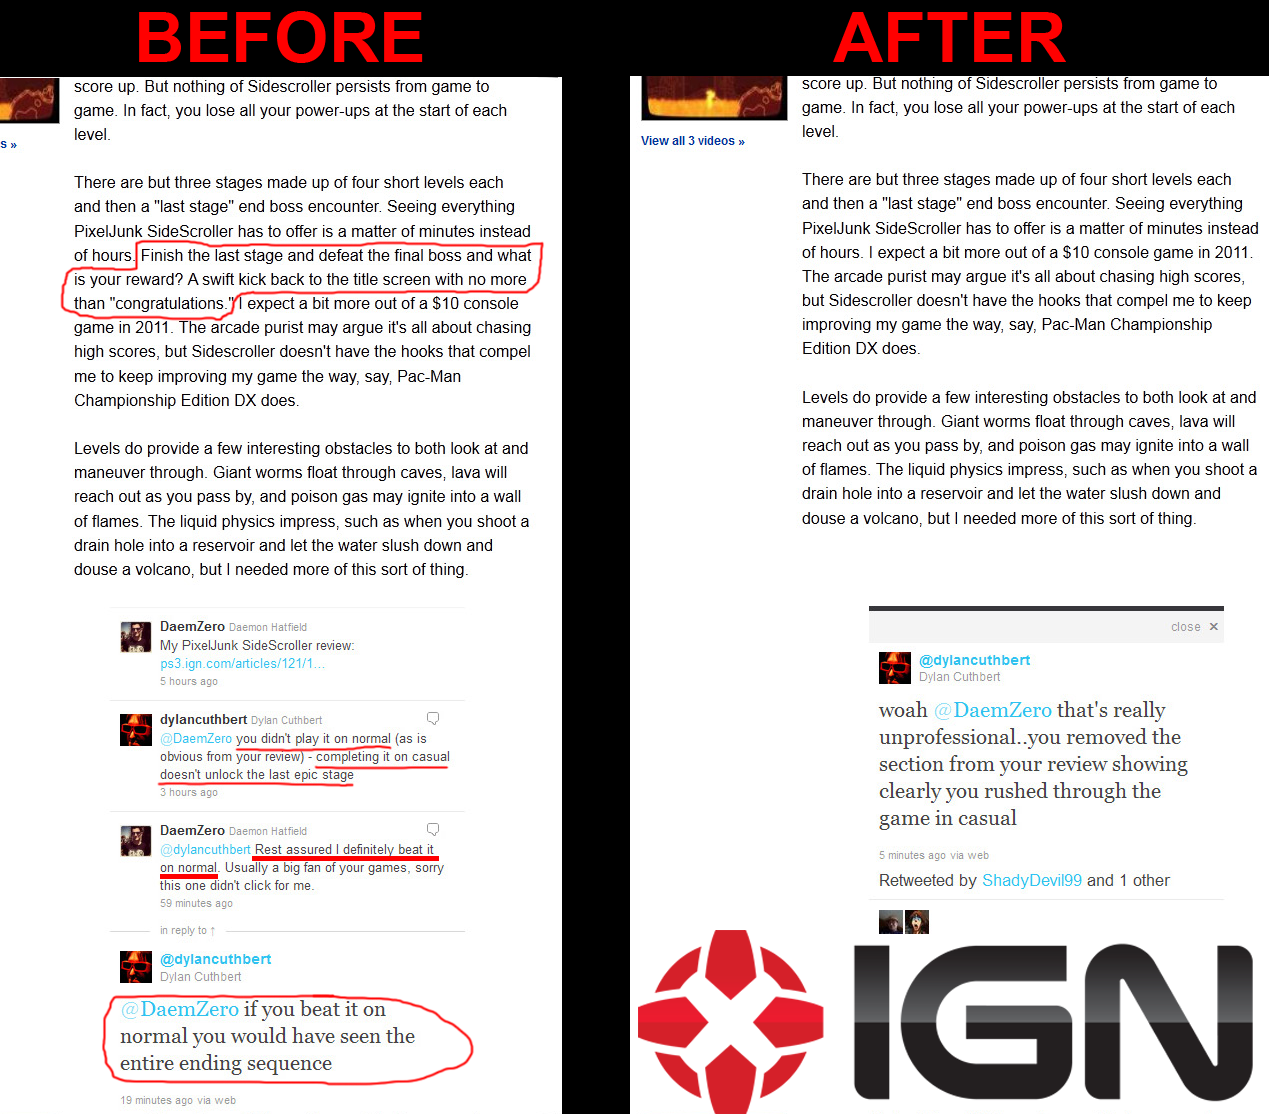 IGN fail